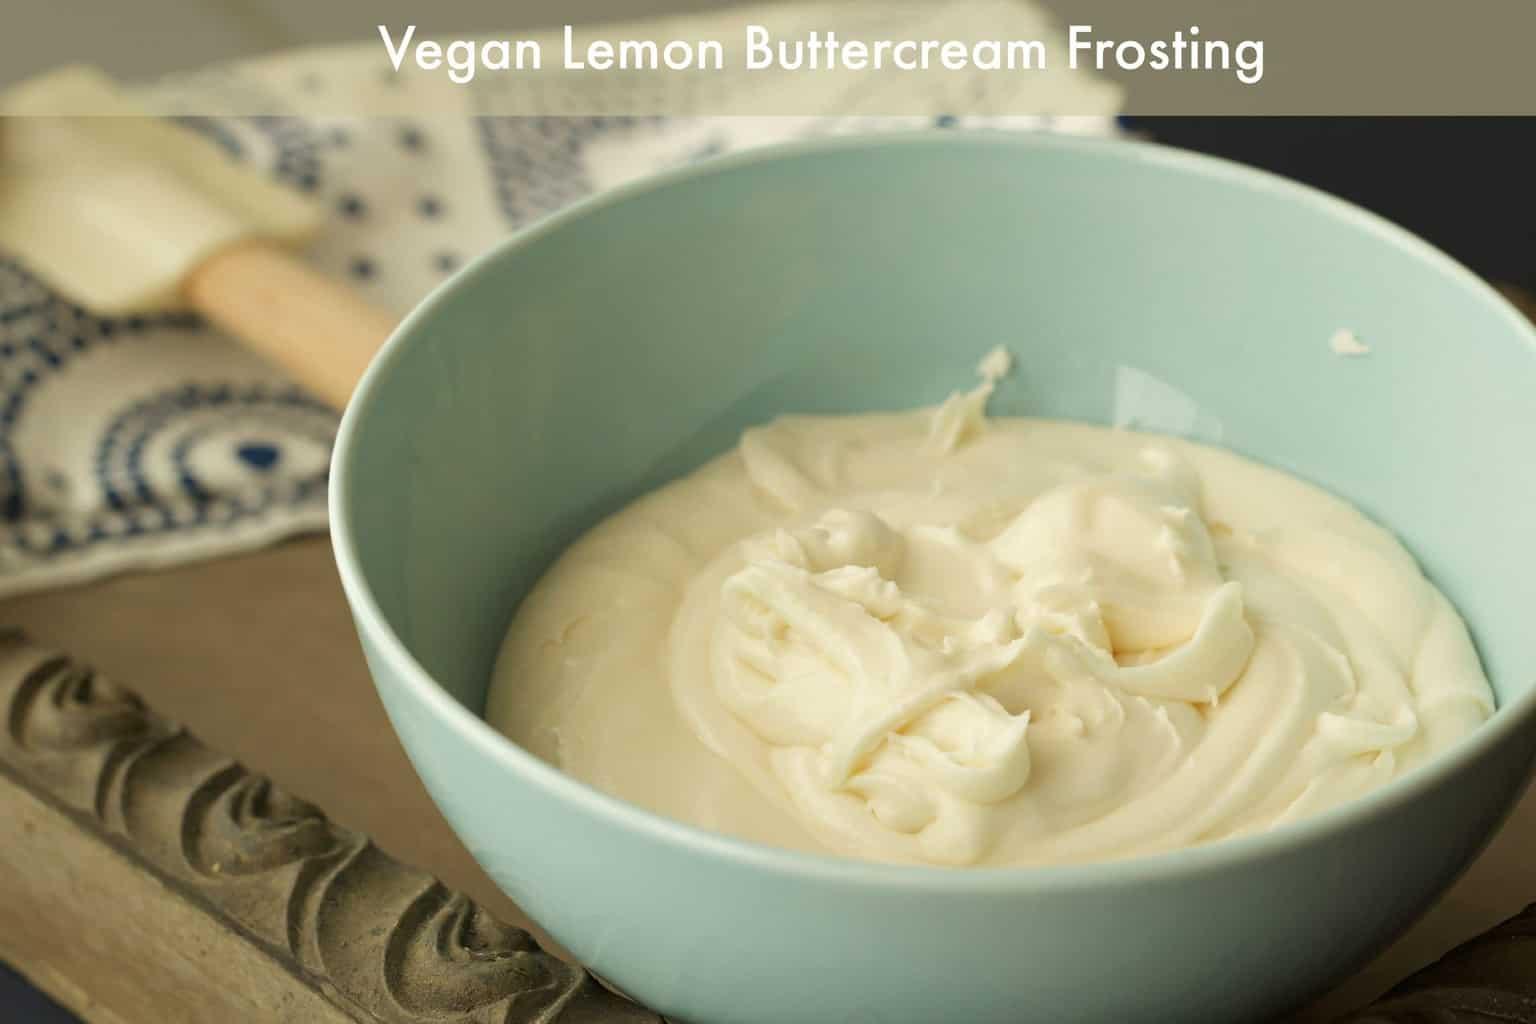 How to make vegan lemon buttercream frosting #vegan #lovingitvegan #dessert #frosting